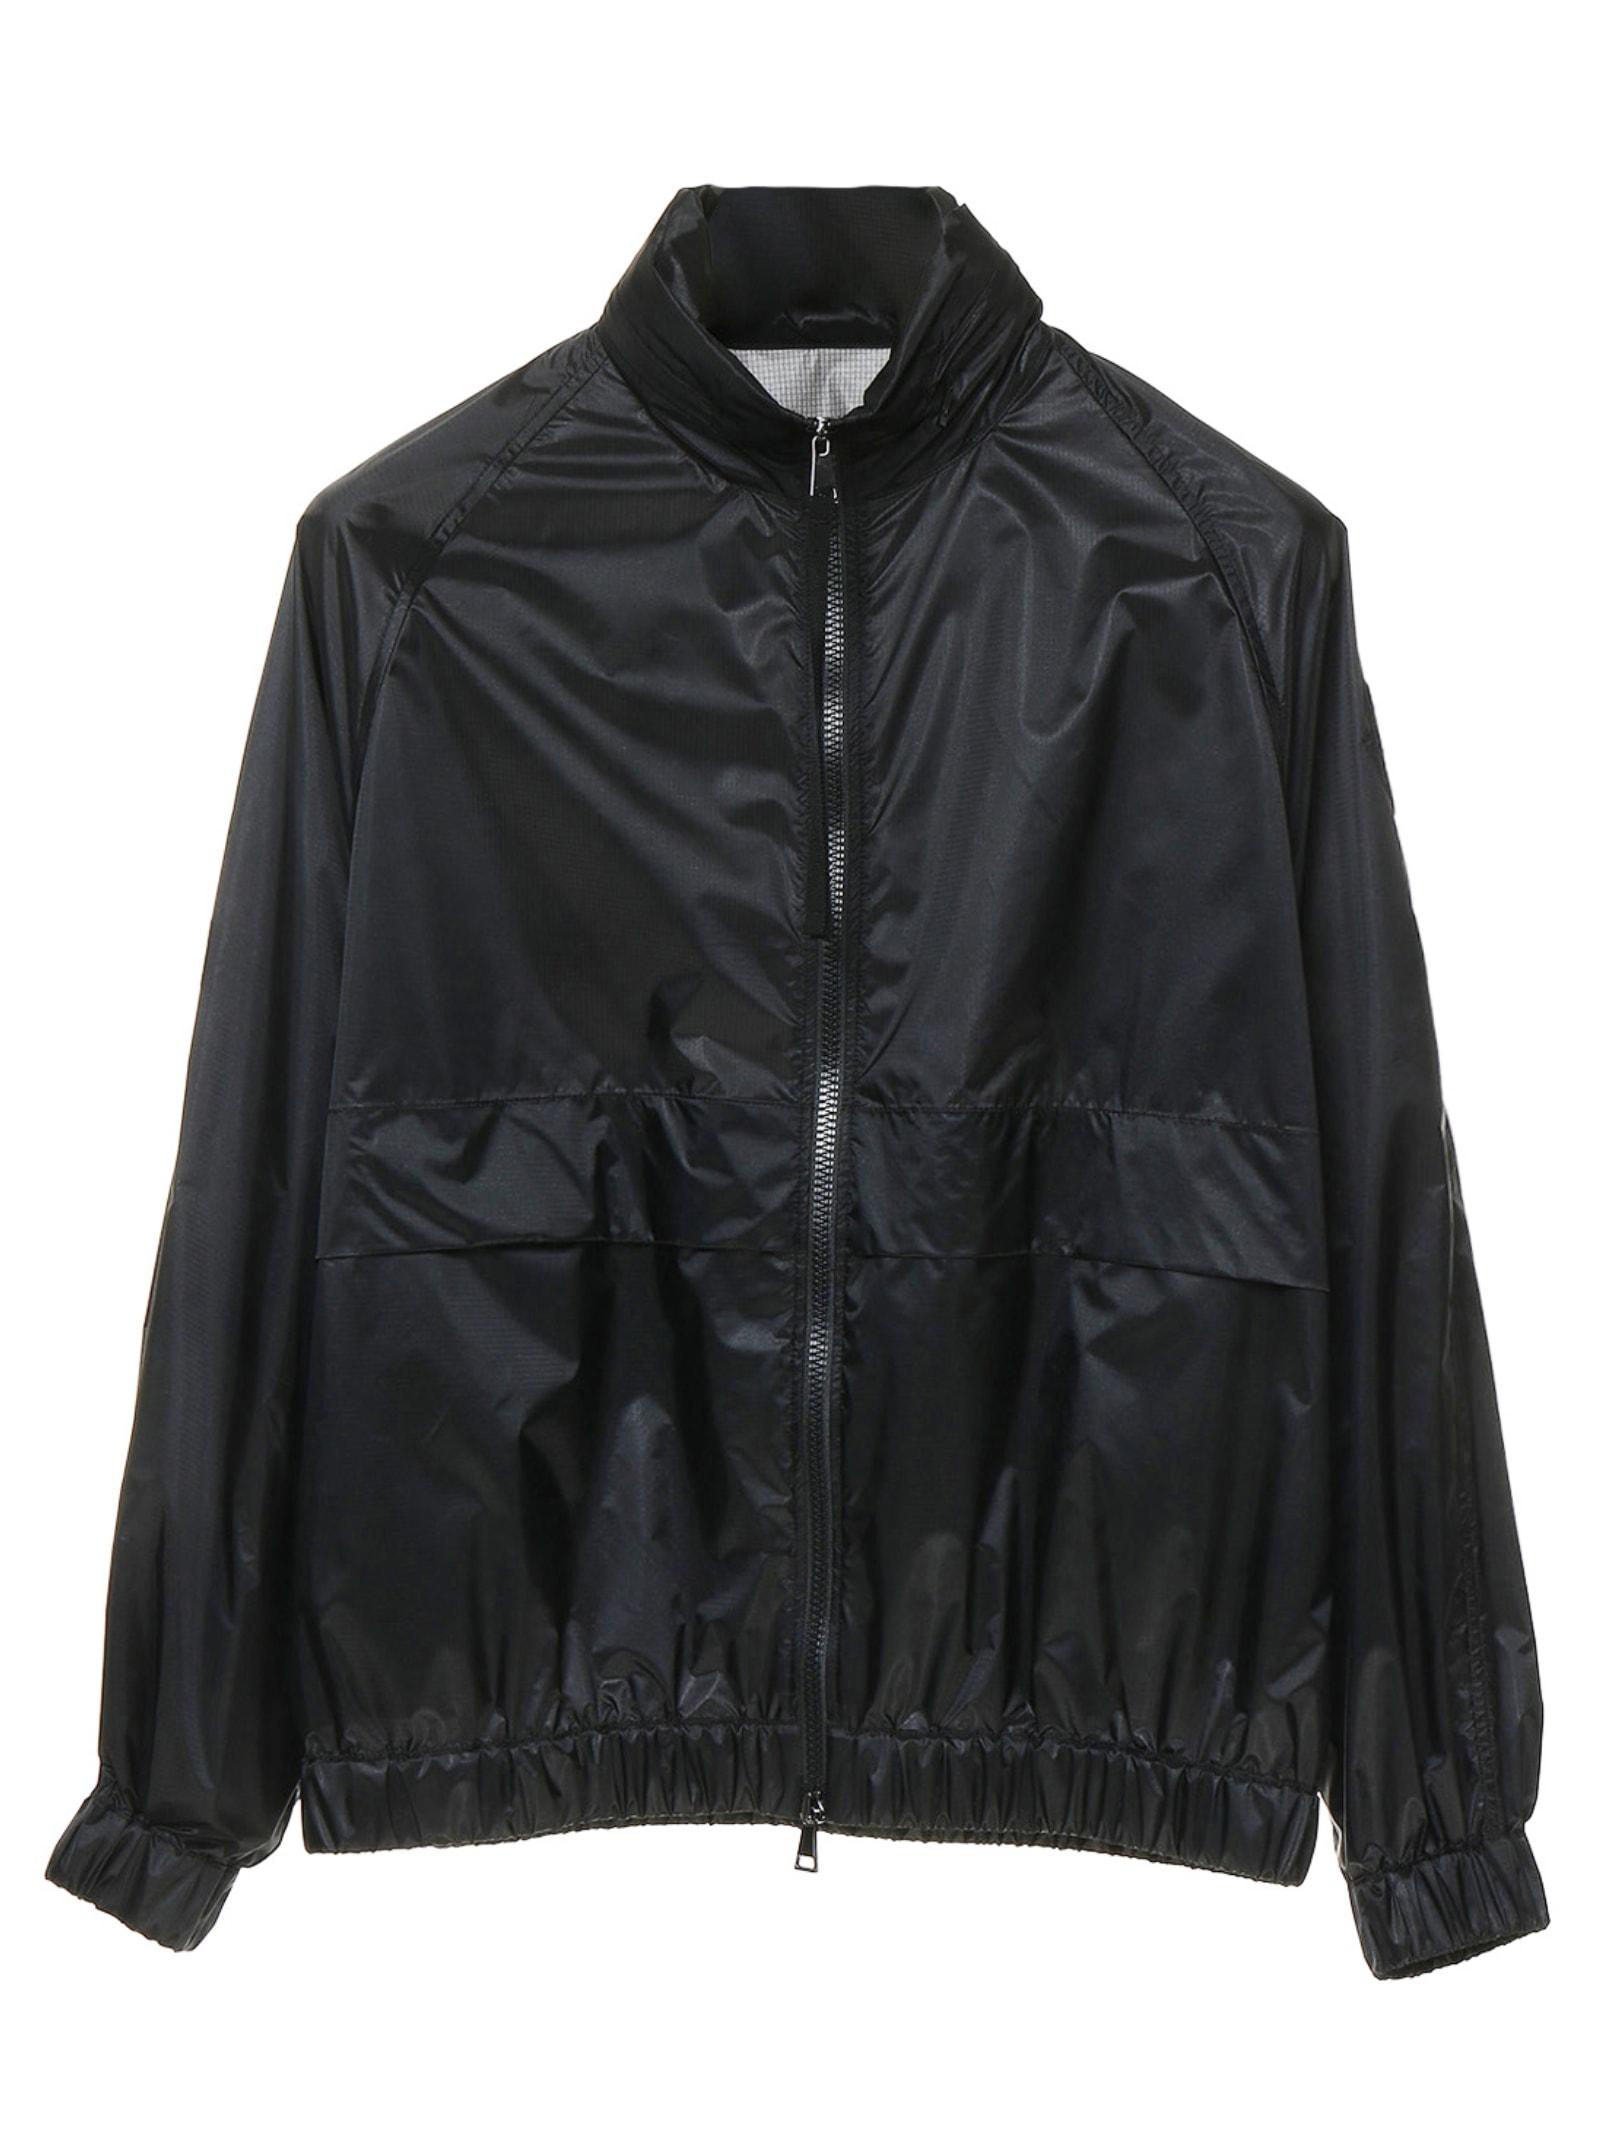 Moncler groseille Jacket